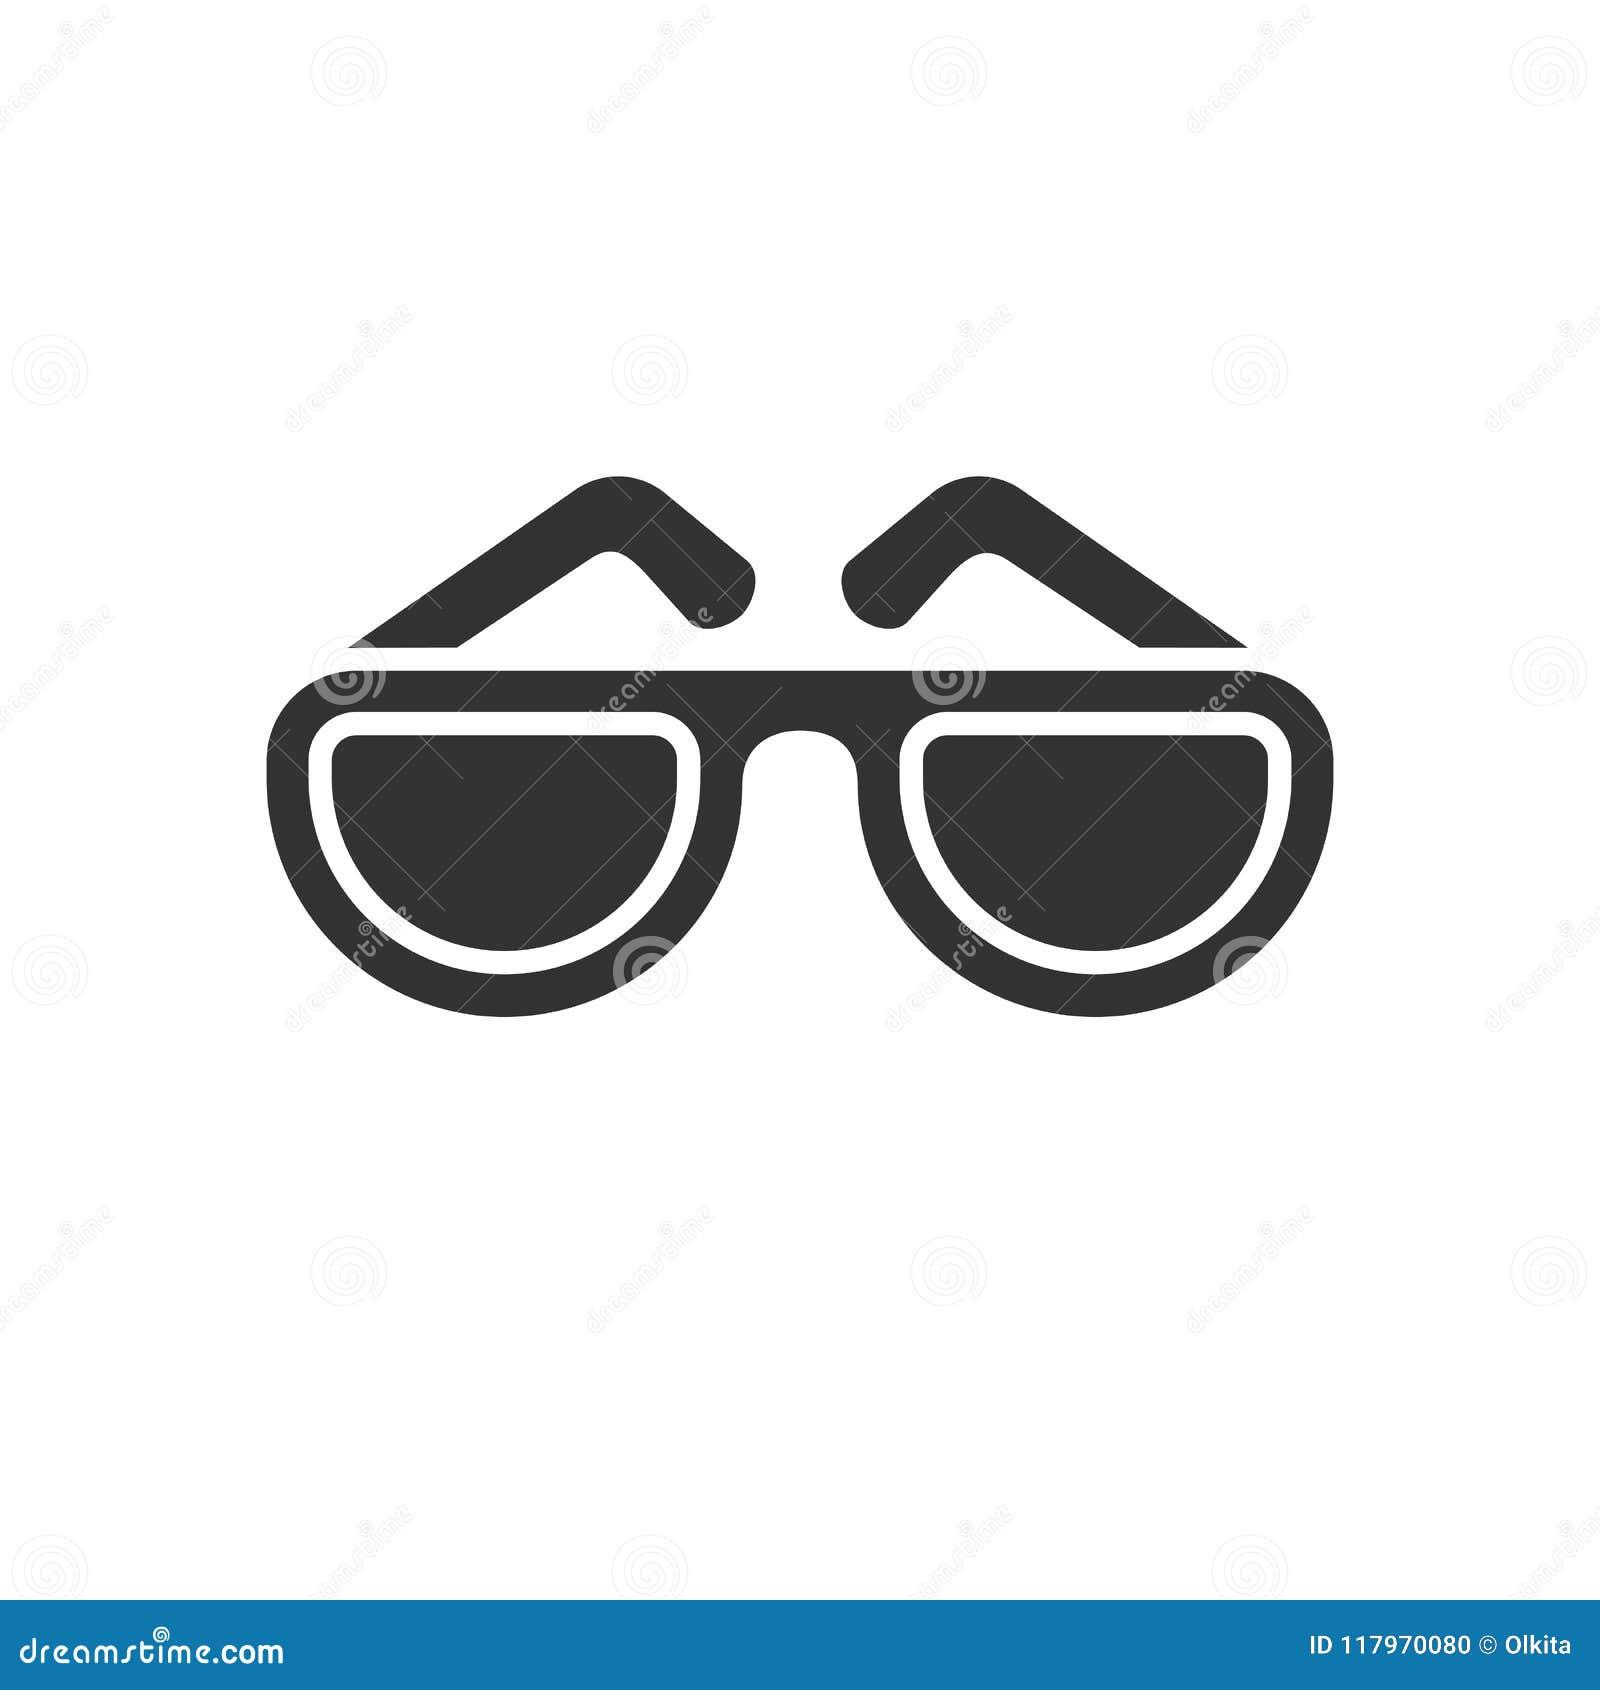 Fondo Aislado Blanco El De Ennegrezca Gafas Icono Sol En iOPTlwkuZX